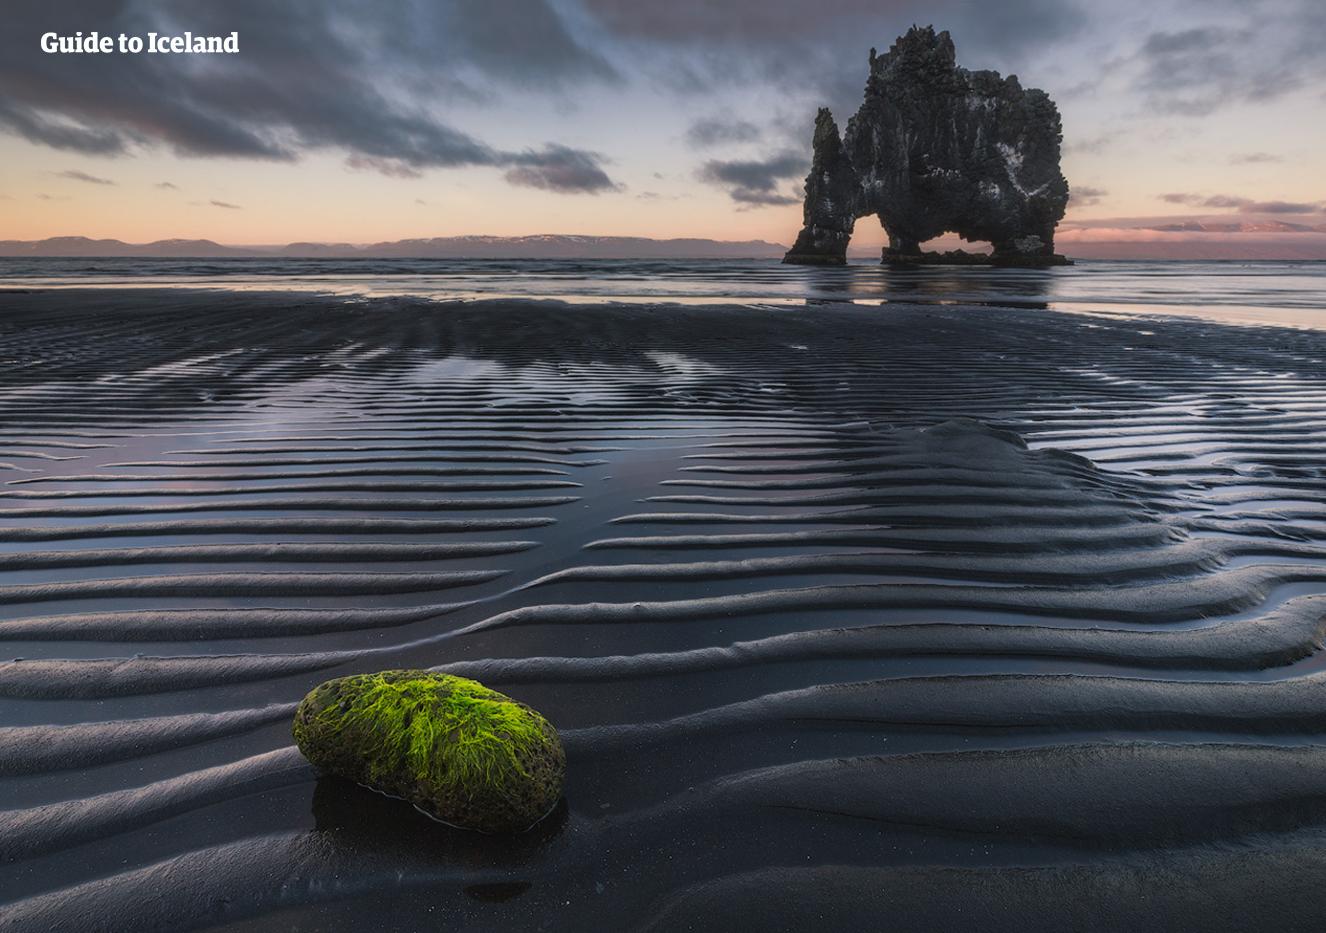 Noord-IJsland heeft een overvloed aan culturele en natuurlijke bezienswaardigheden.